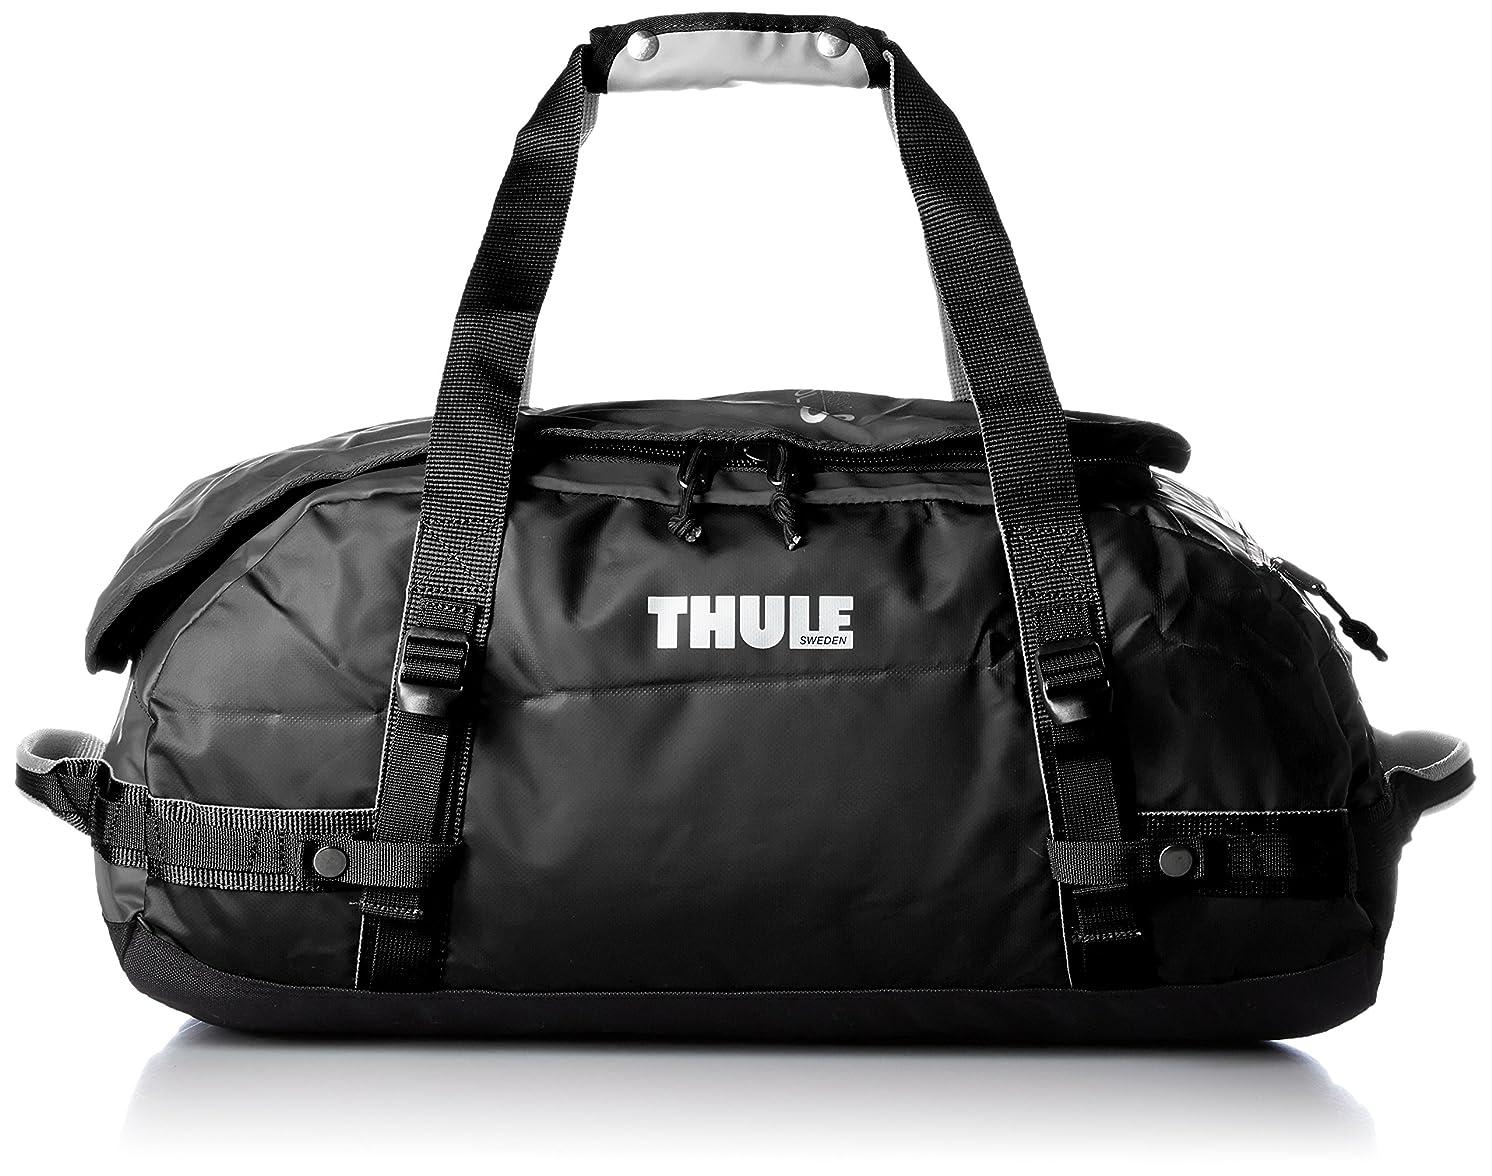 海外でさらに七時半[スーリー] THULE Chasm 40L ボストンバッグ バックパック Sサイズ TCHS-S